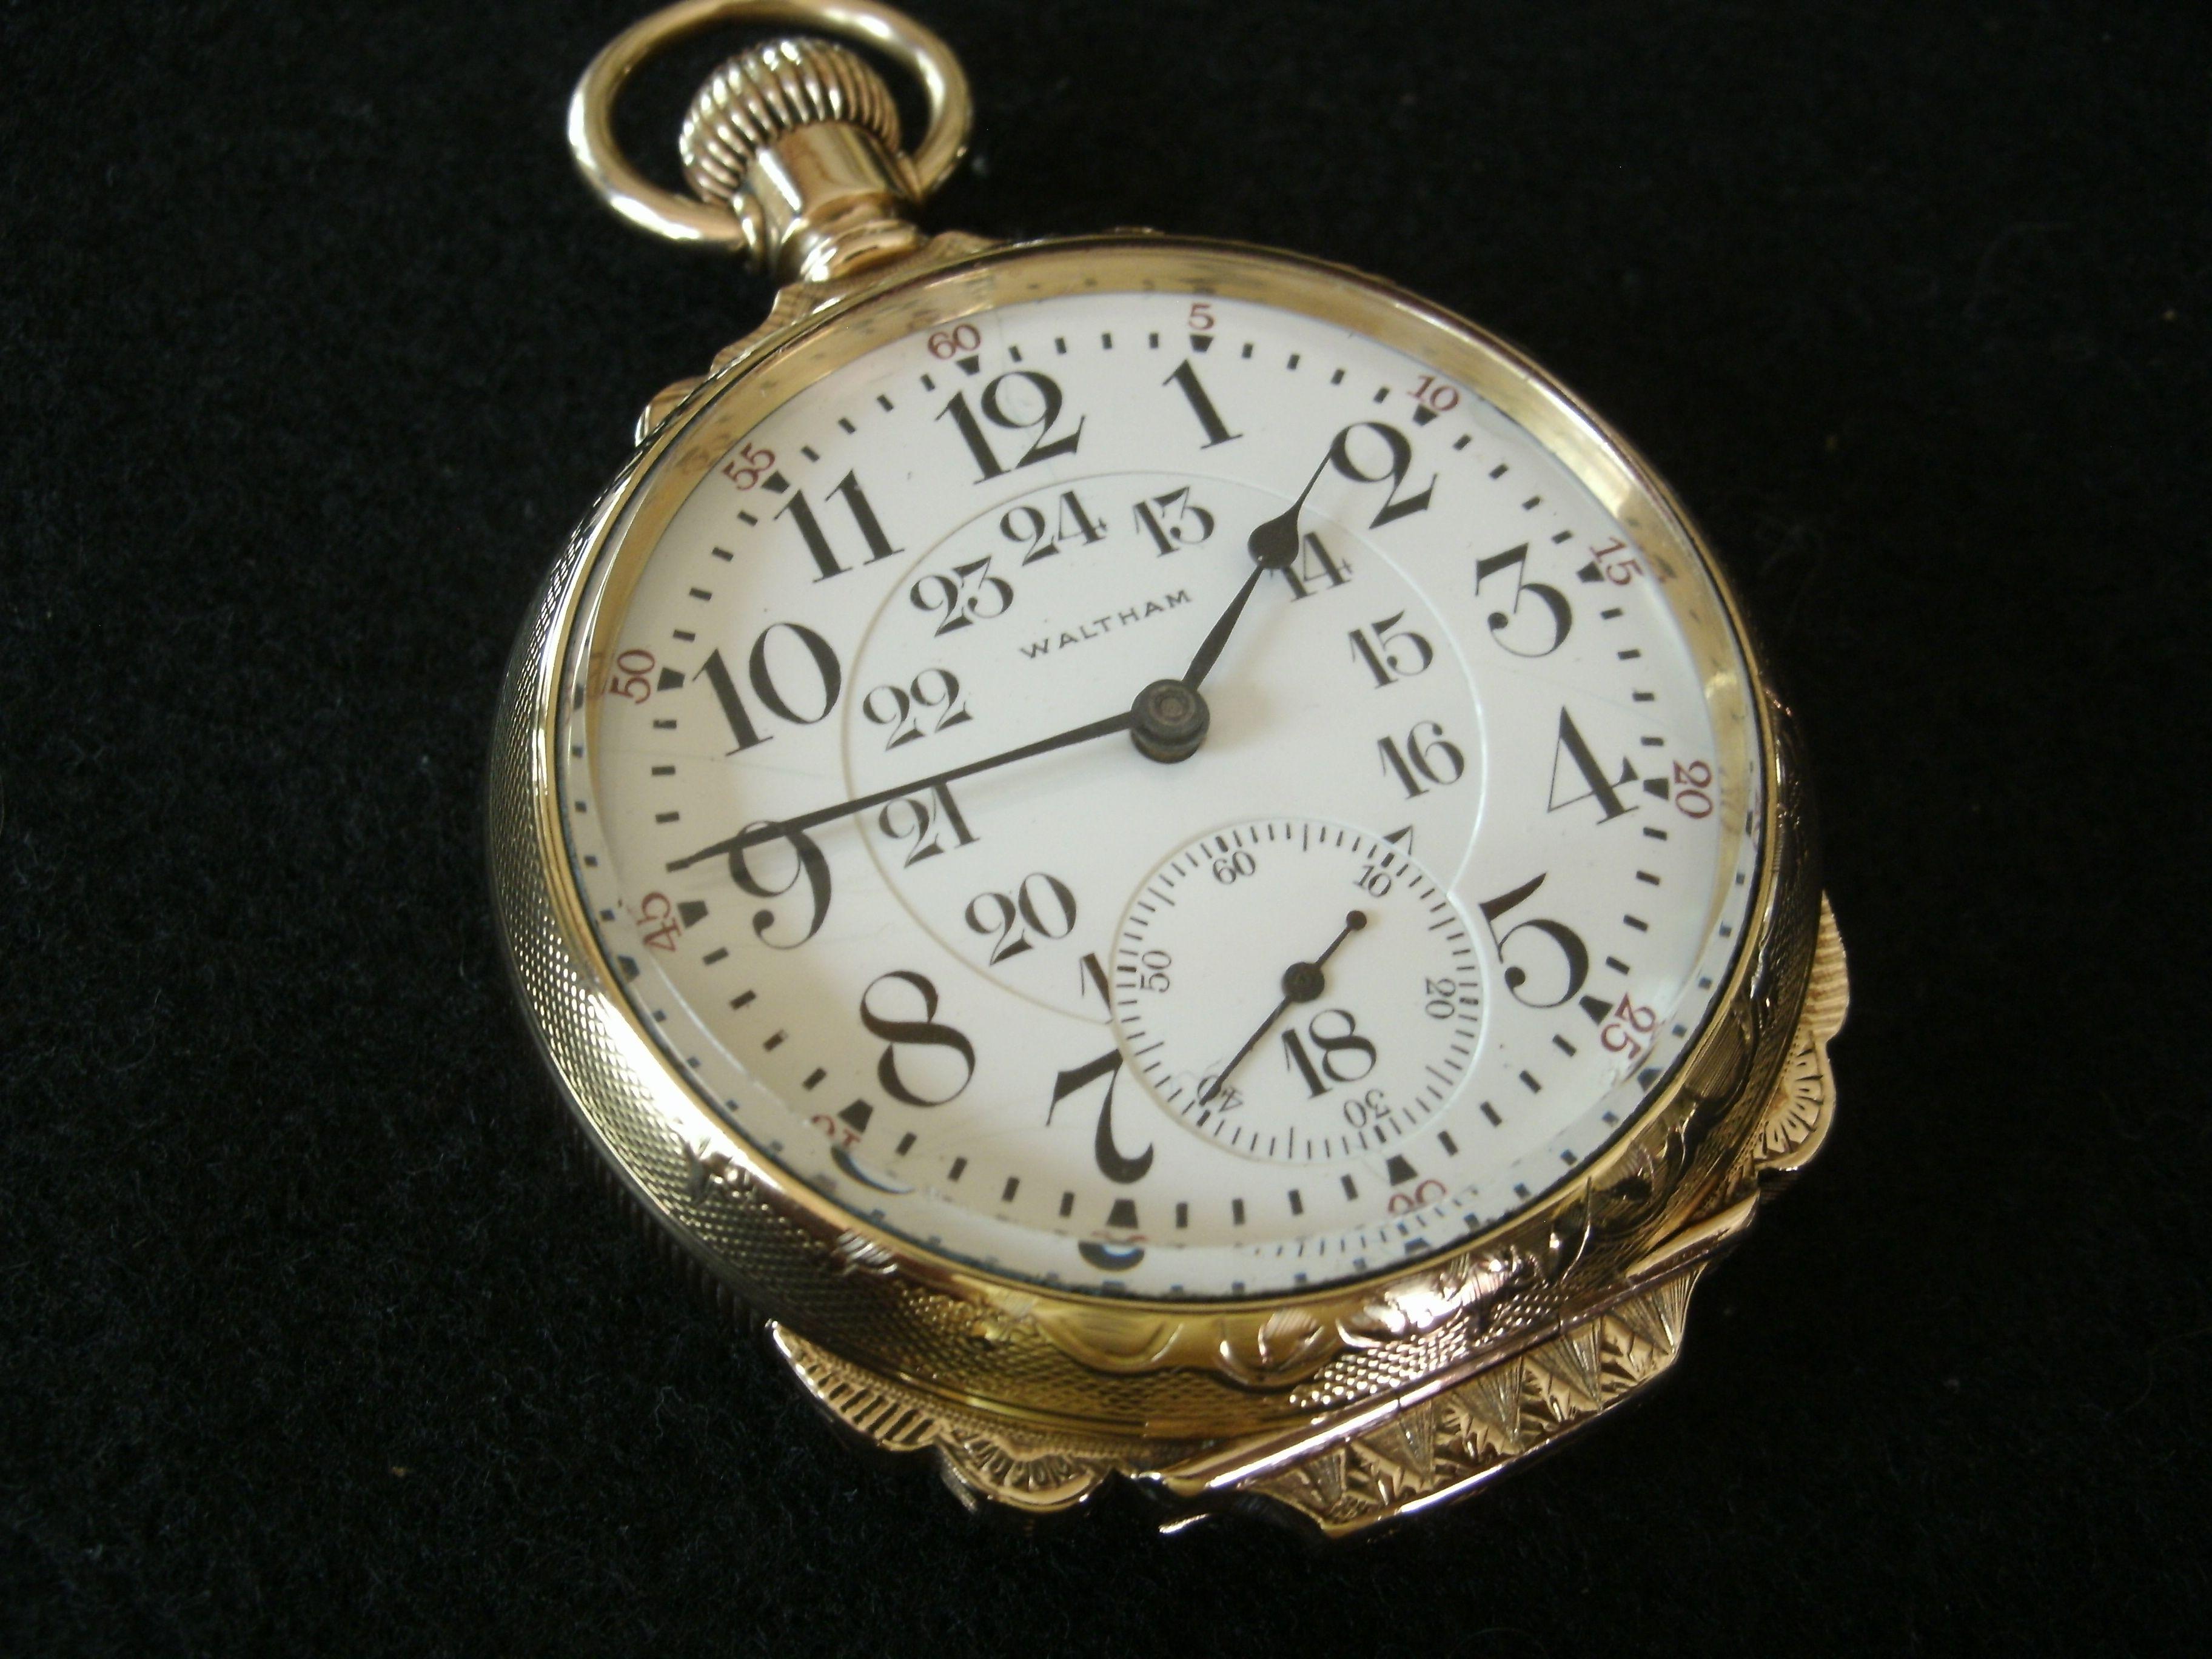 Waltham 845 Railroad watch.